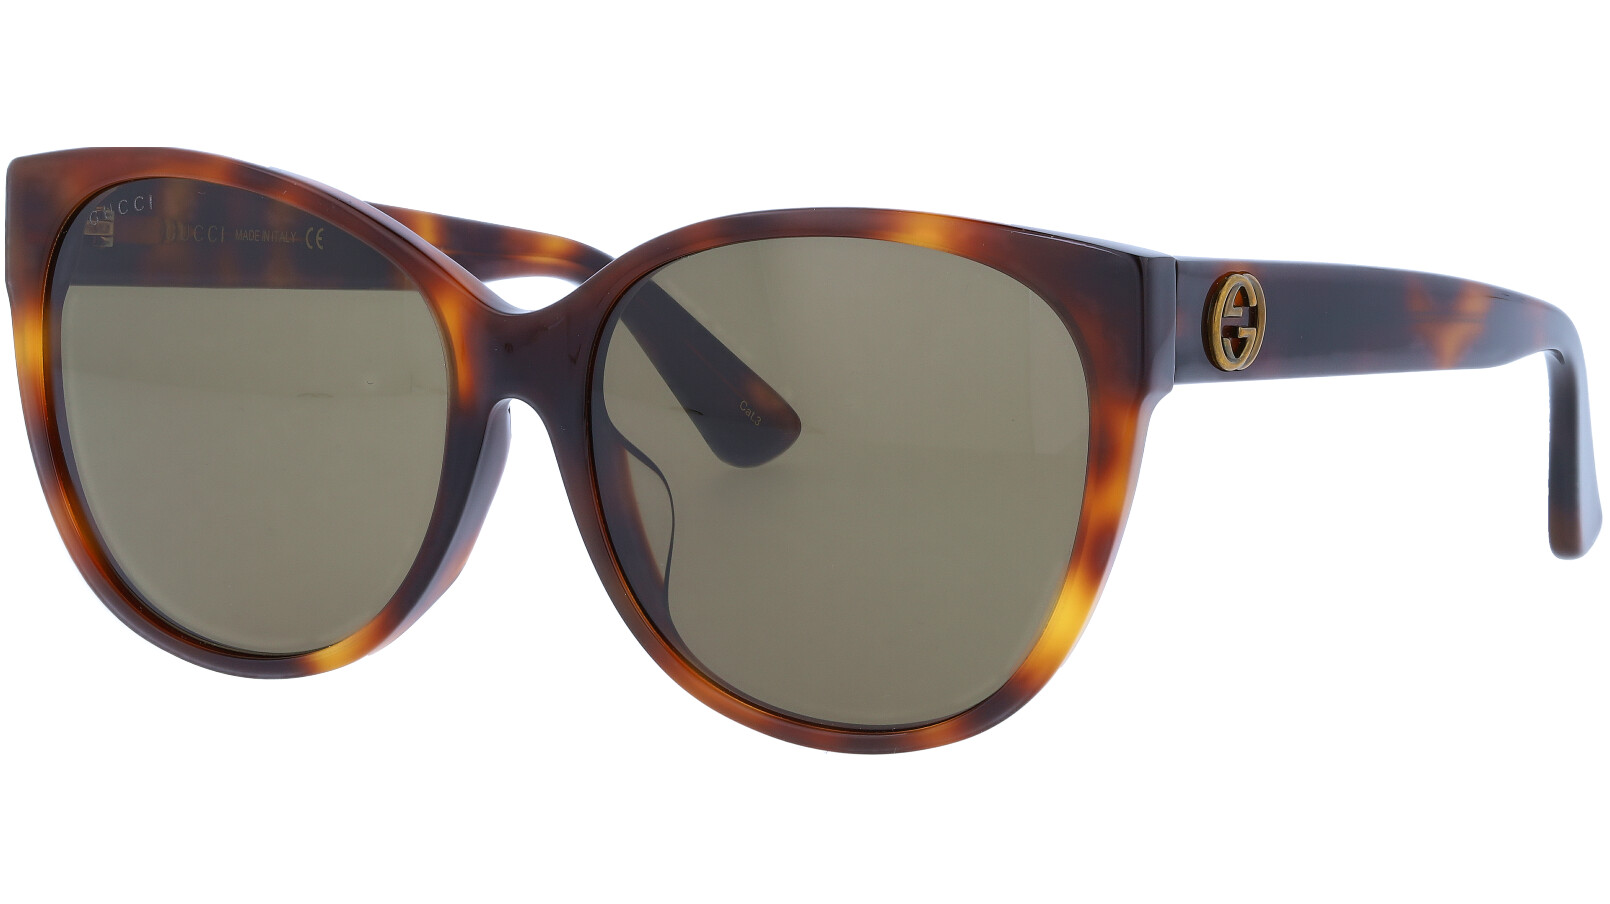 GUCCI GG0097S 001 56 BLACK Sunglasses